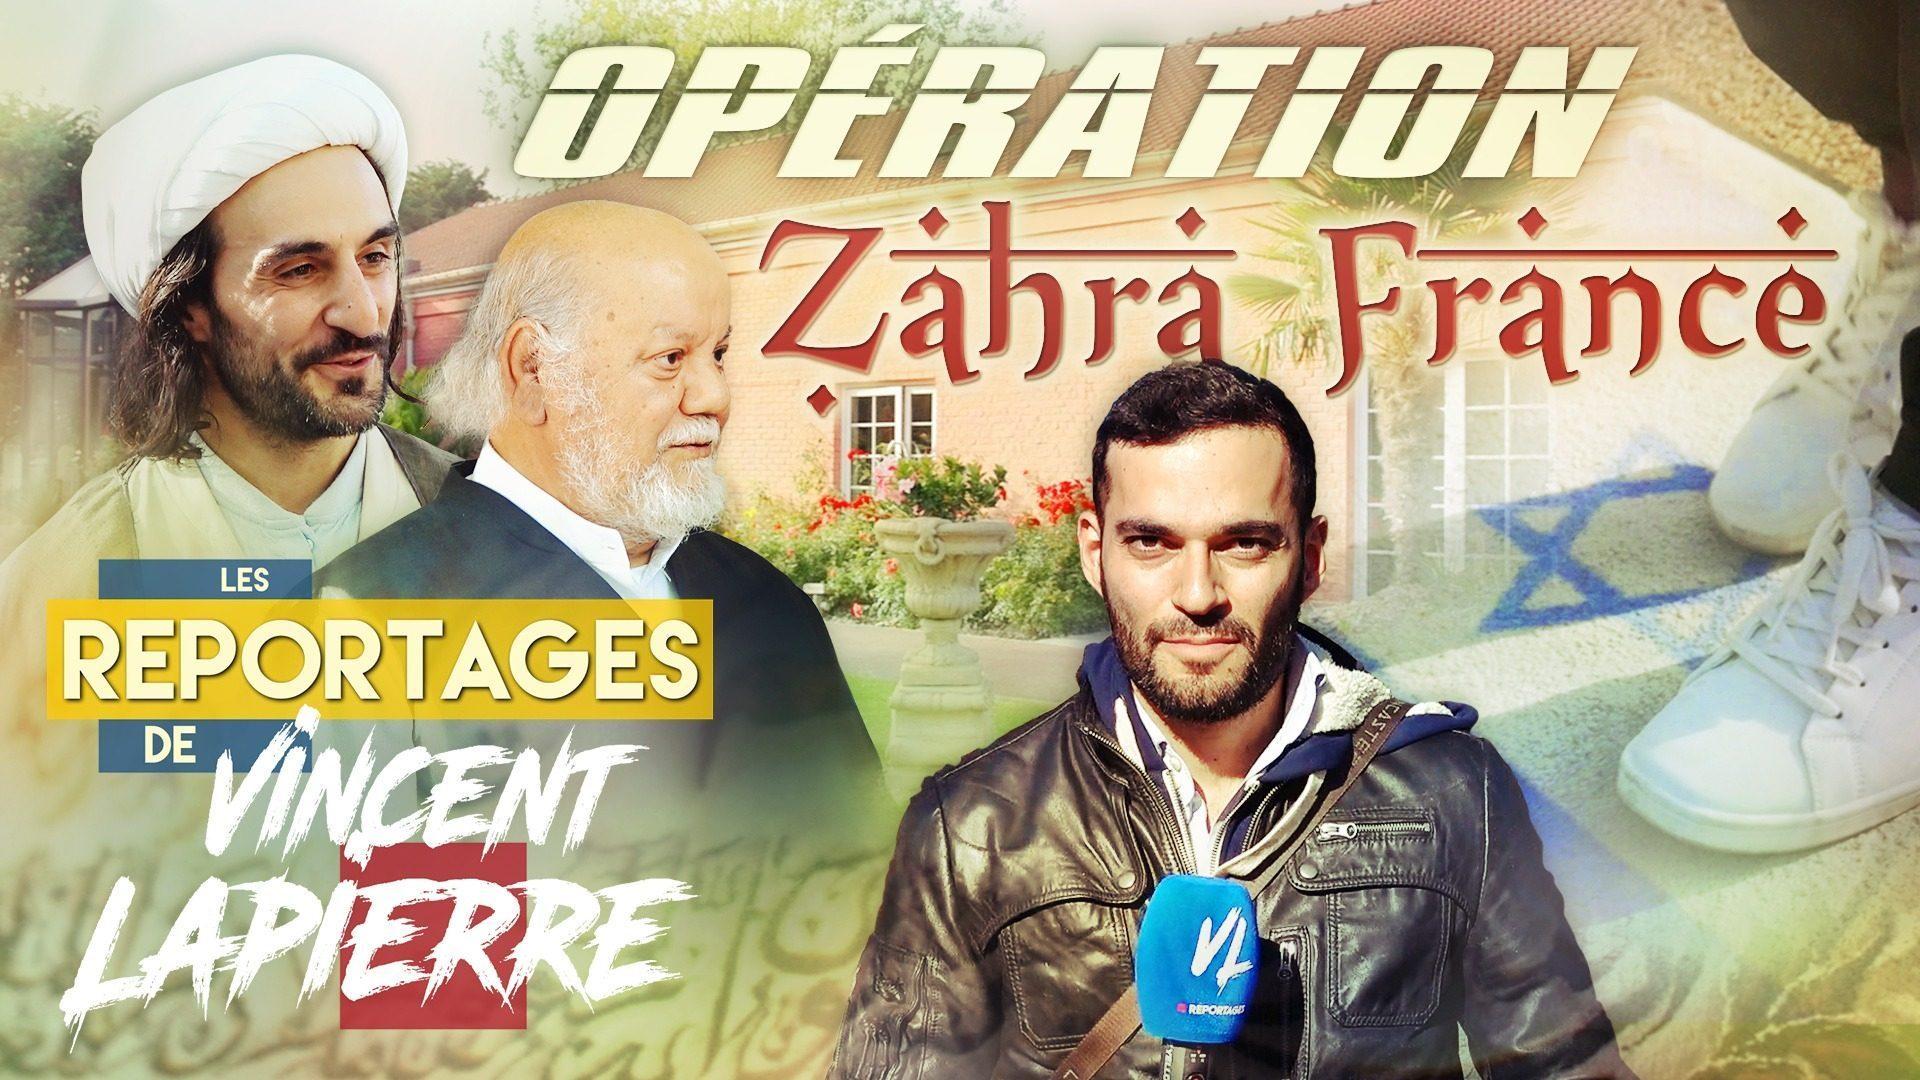 Centre Zahra